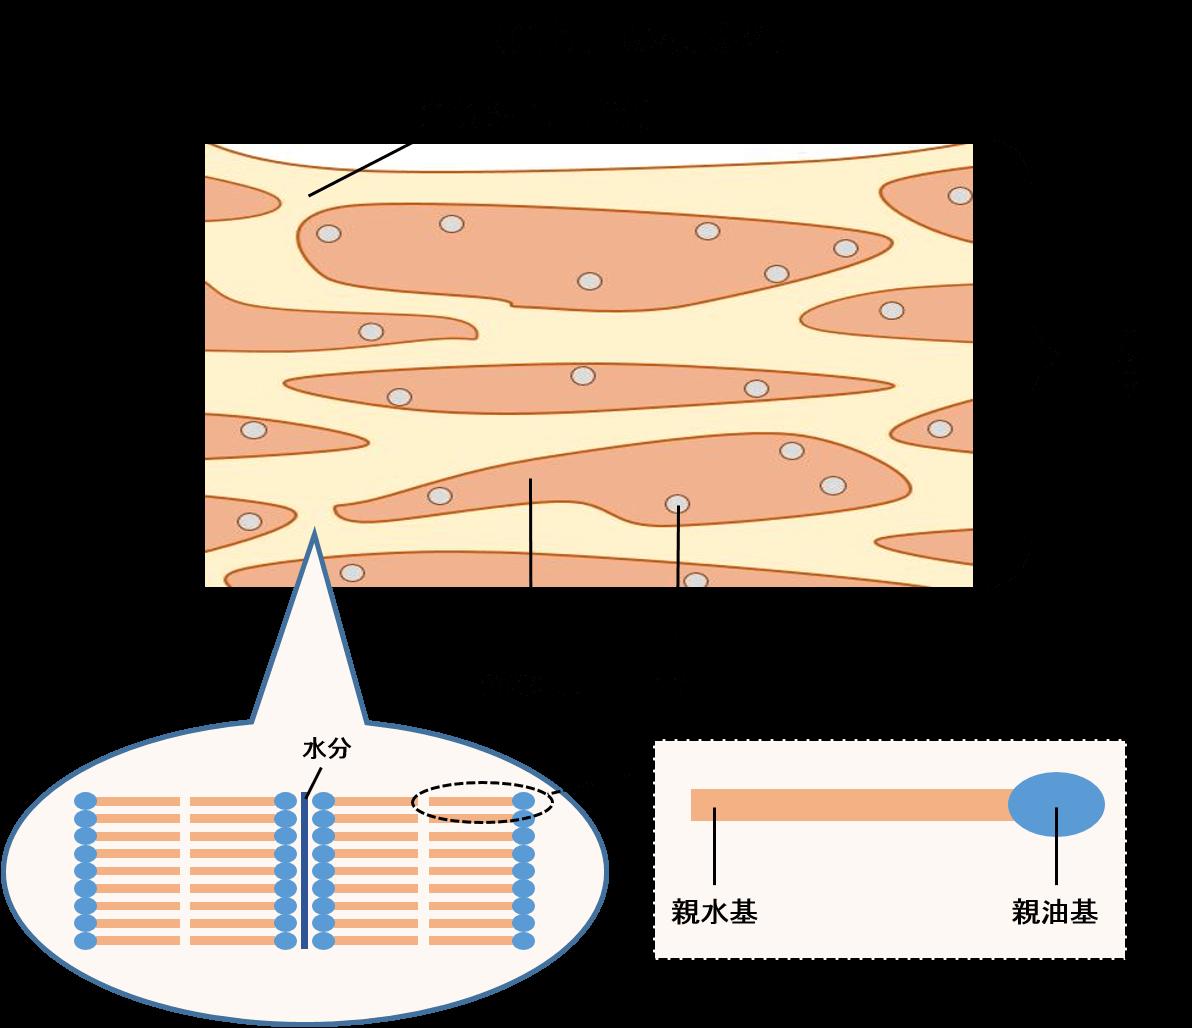 角質層の模式図